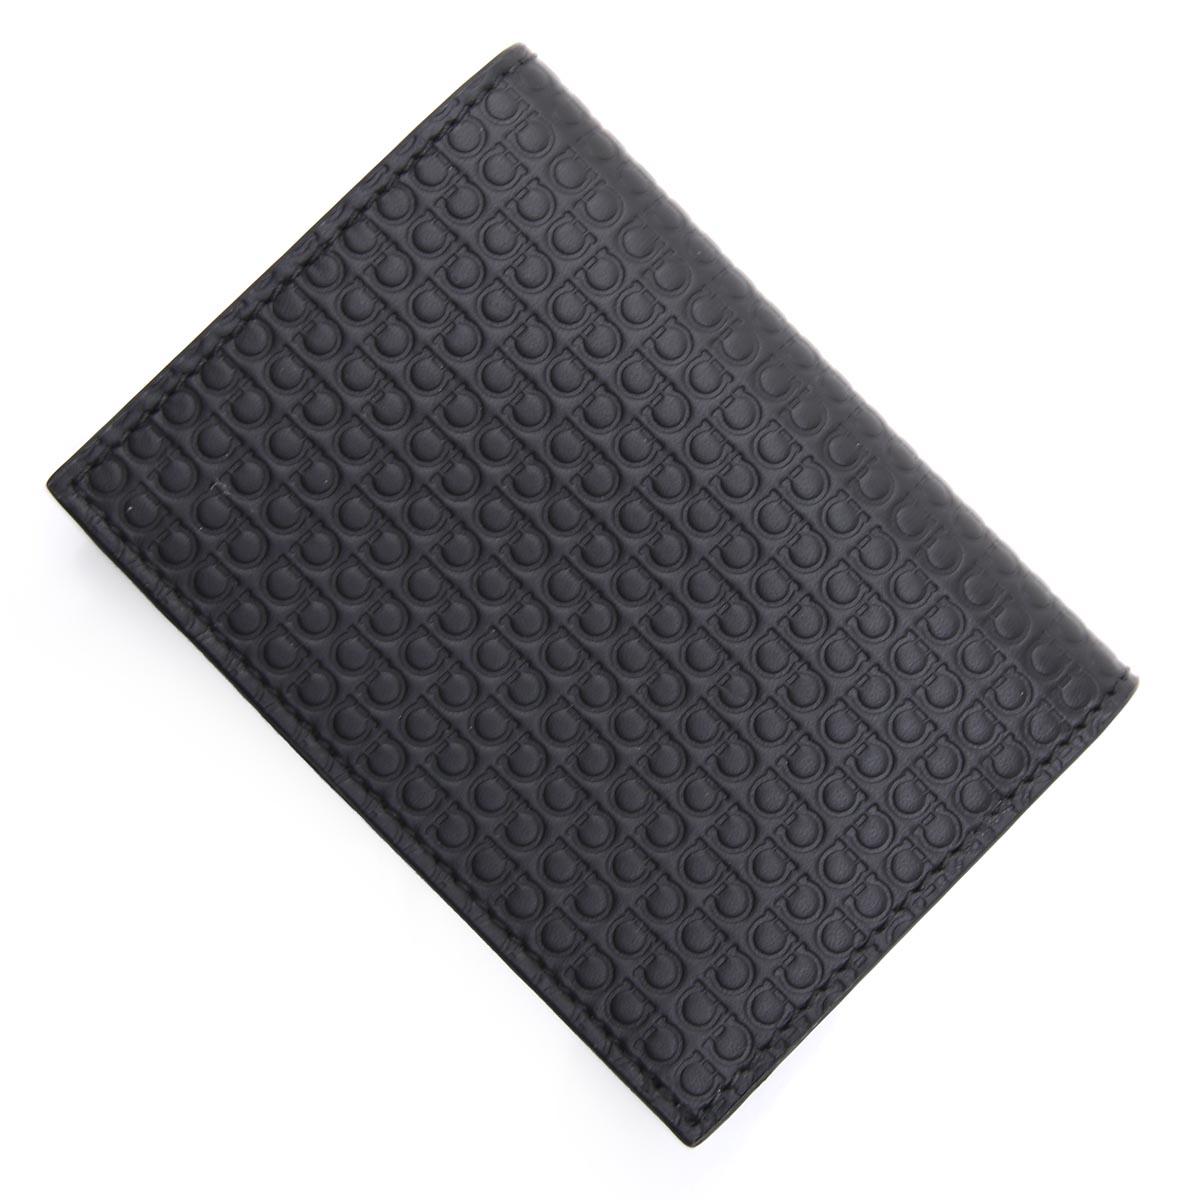 サルバトーレフェラガモ Salvatore Ferragamo カードケース ブラック メンズ 66a505 0714537 nero【あす楽対応_関東】【返品送料無料】【ラッピング無料】